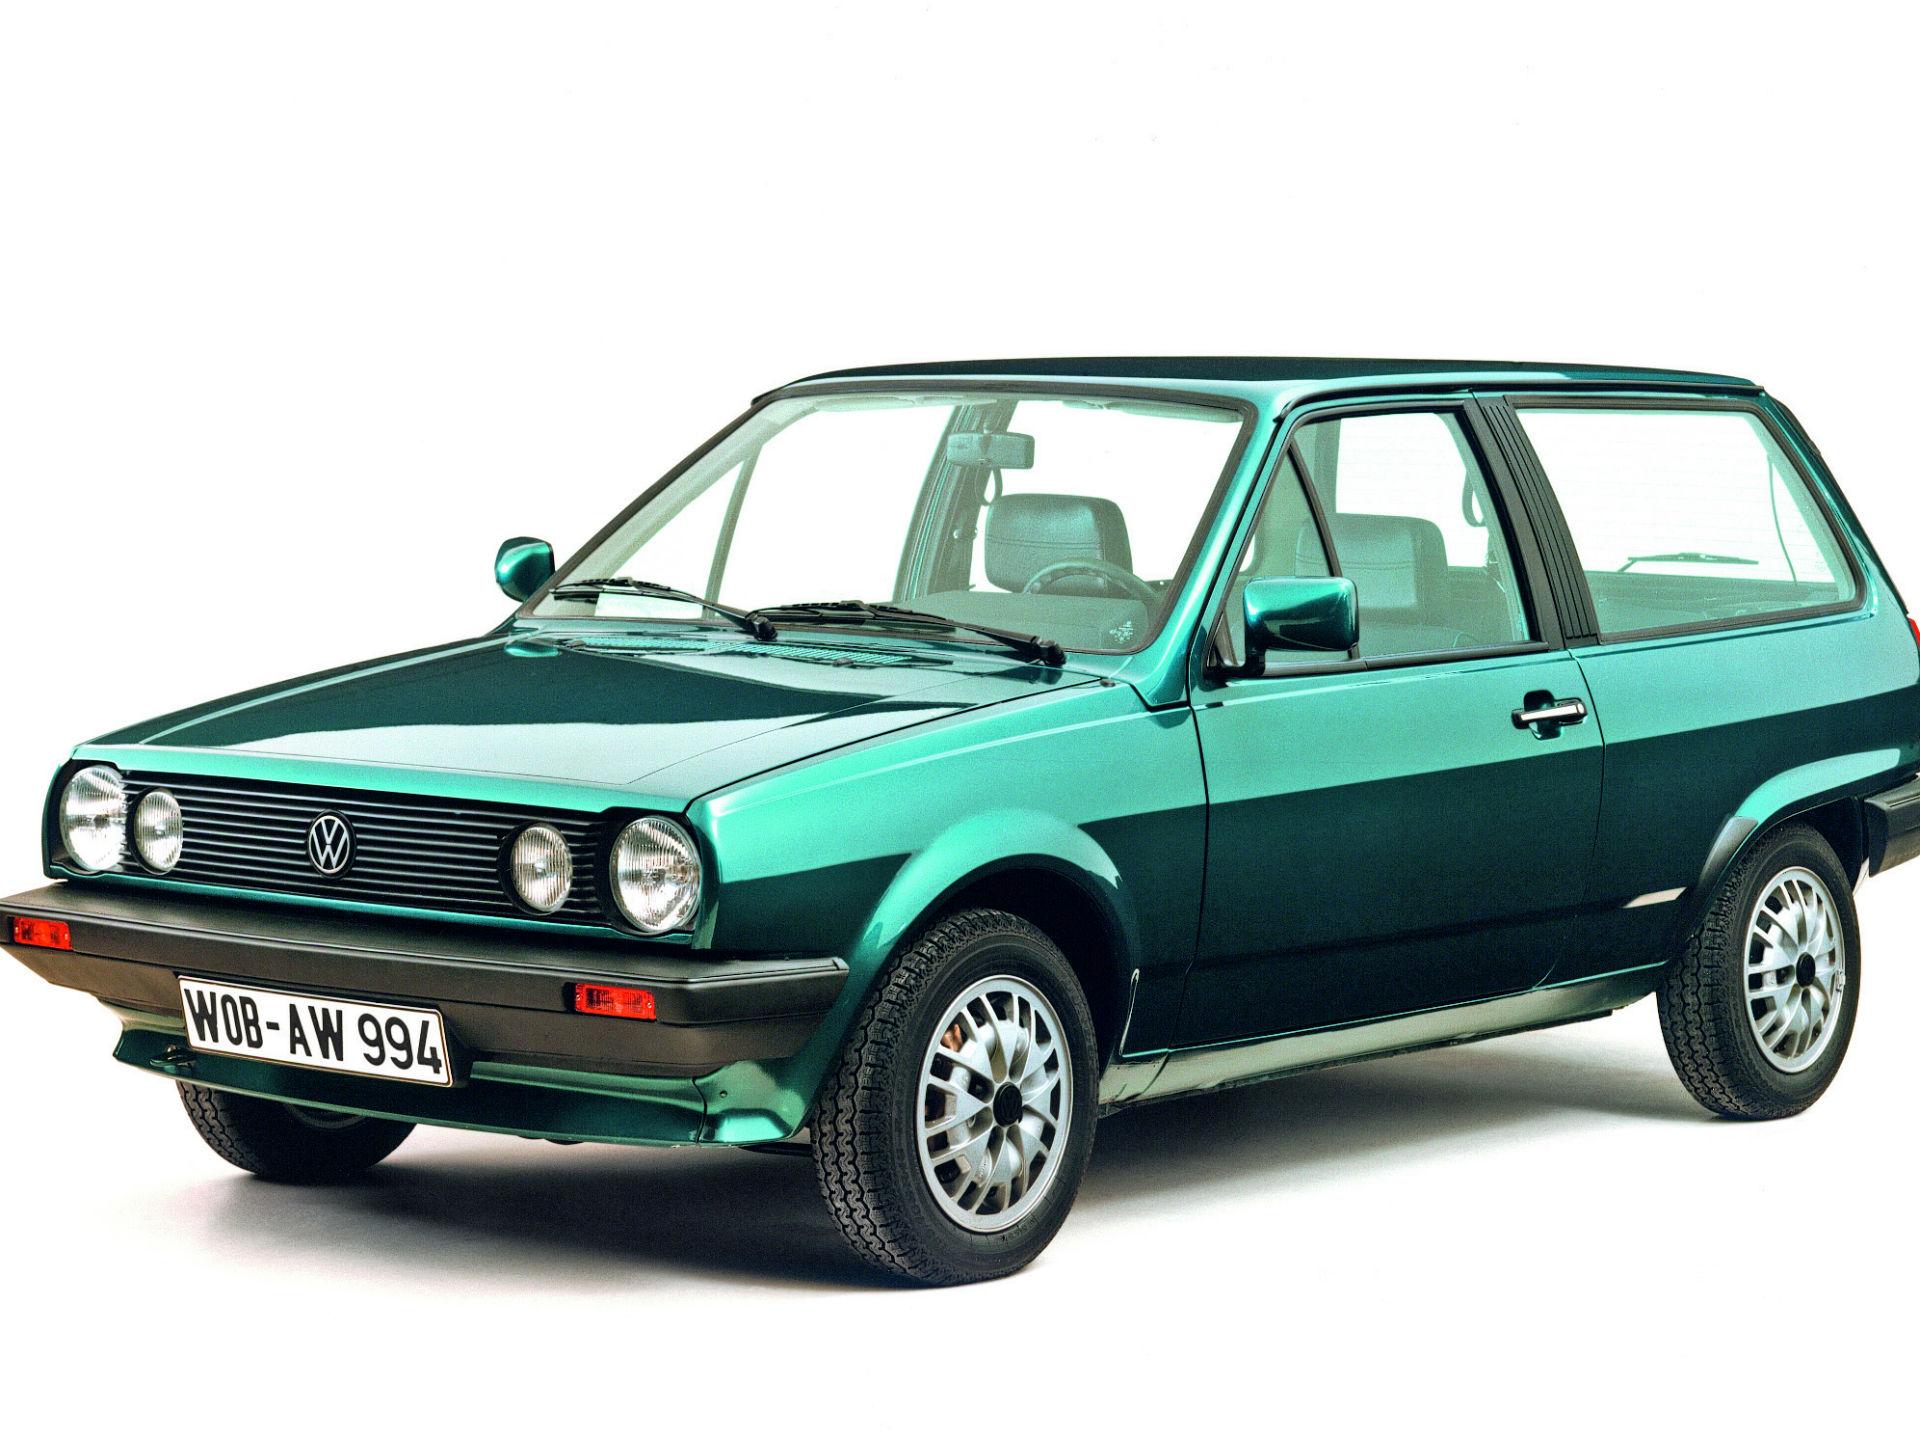 """Llegado en 1981, la segunda generación llegó cual versión """"state"""". Uno de sus fuertes era el gran espacio interior. Un año más tarde, conocimos el lado deportivo con el Polo GT. Foto: Volkswagen"""